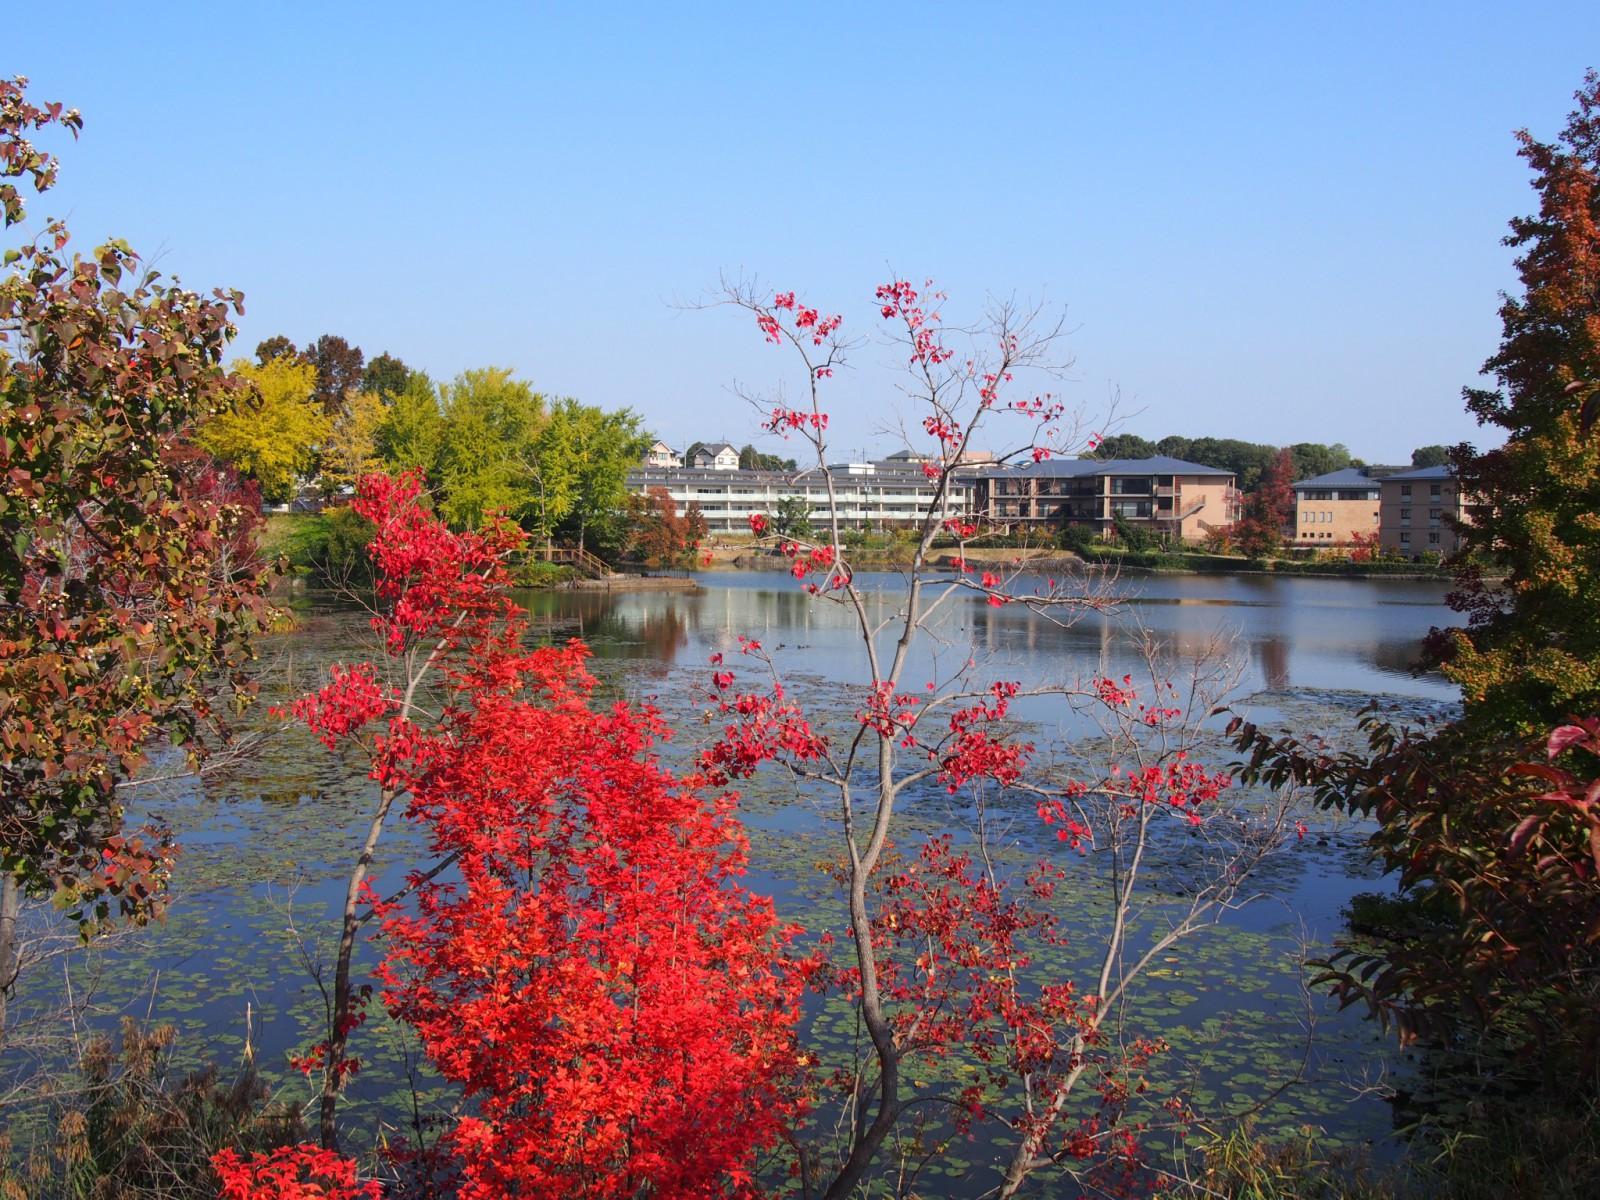 紅葉が美しい菖蒲池のほとり